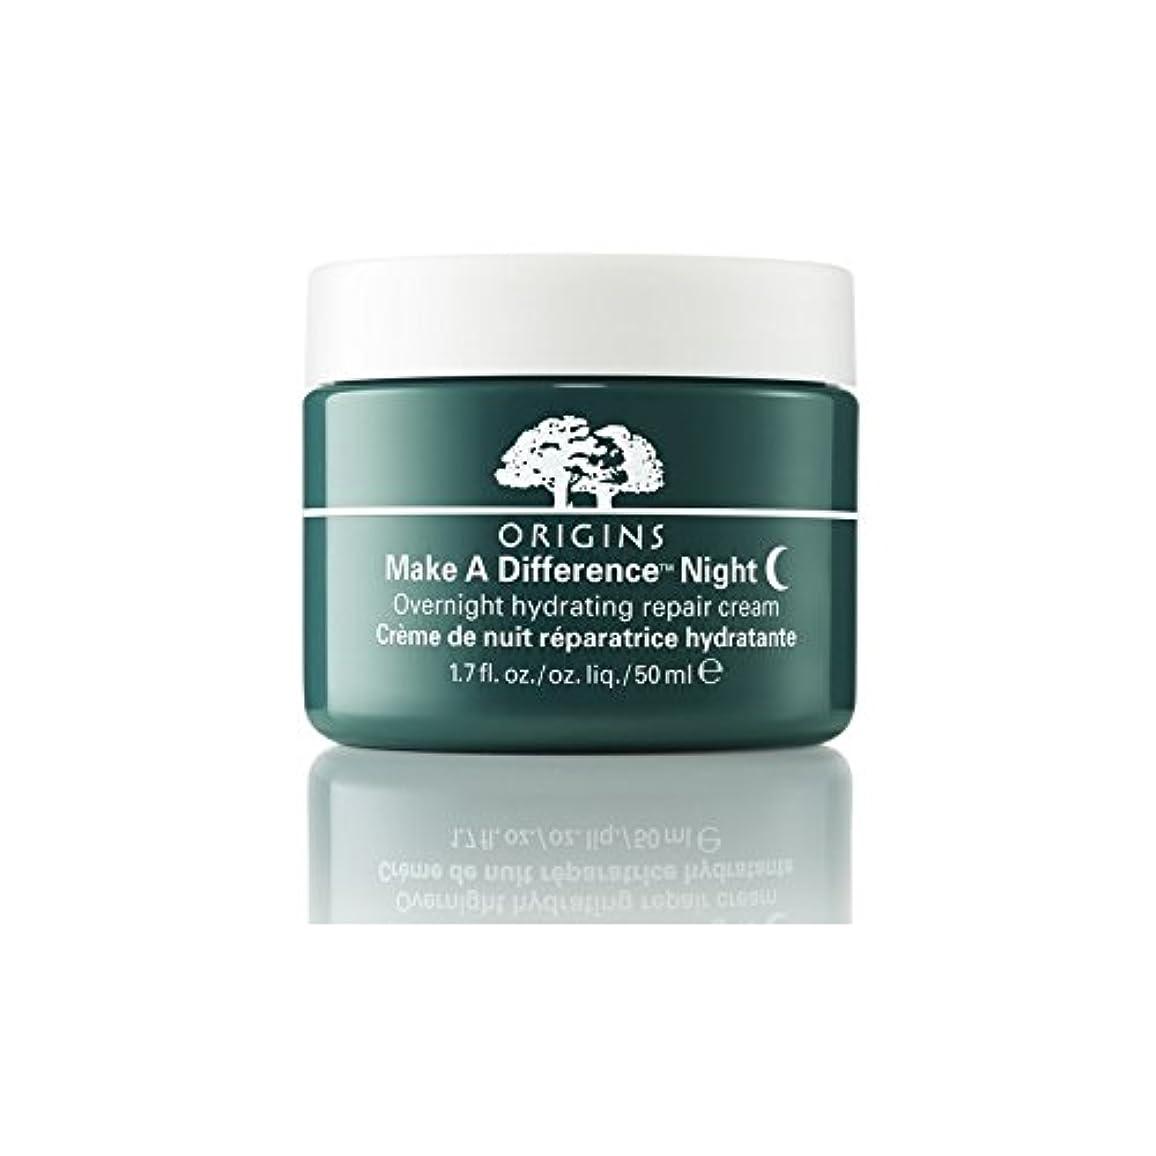 製油所少し良心的Origins Make A Difference Overnight Hydrating Repair Cream 50ml - 起源は違い、一晩水和リペアクリーム50ミリリットルを作ります [並行輸入品]